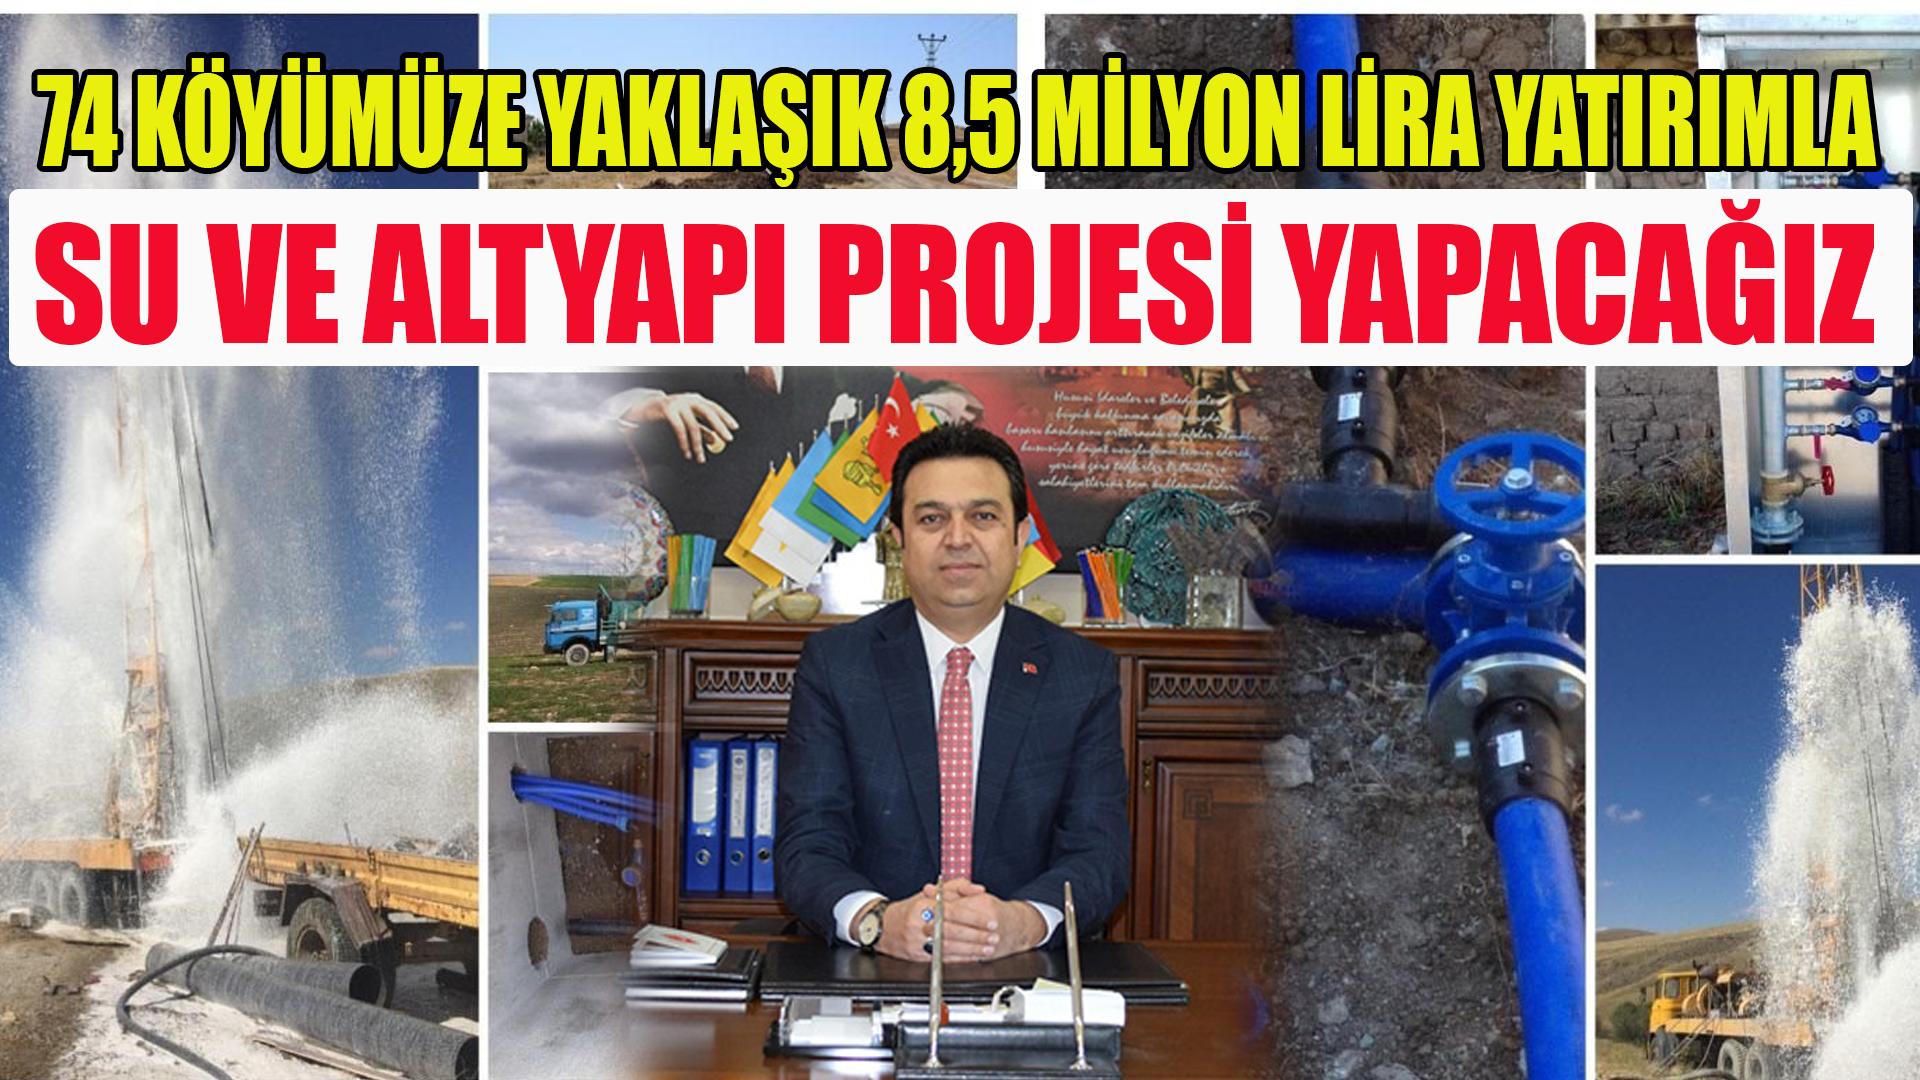 Yılmaz: 74 köyümüze yaklaşık 8,5 milyon lira yatırımla su ve alt yapı projesi yapmış olacağız